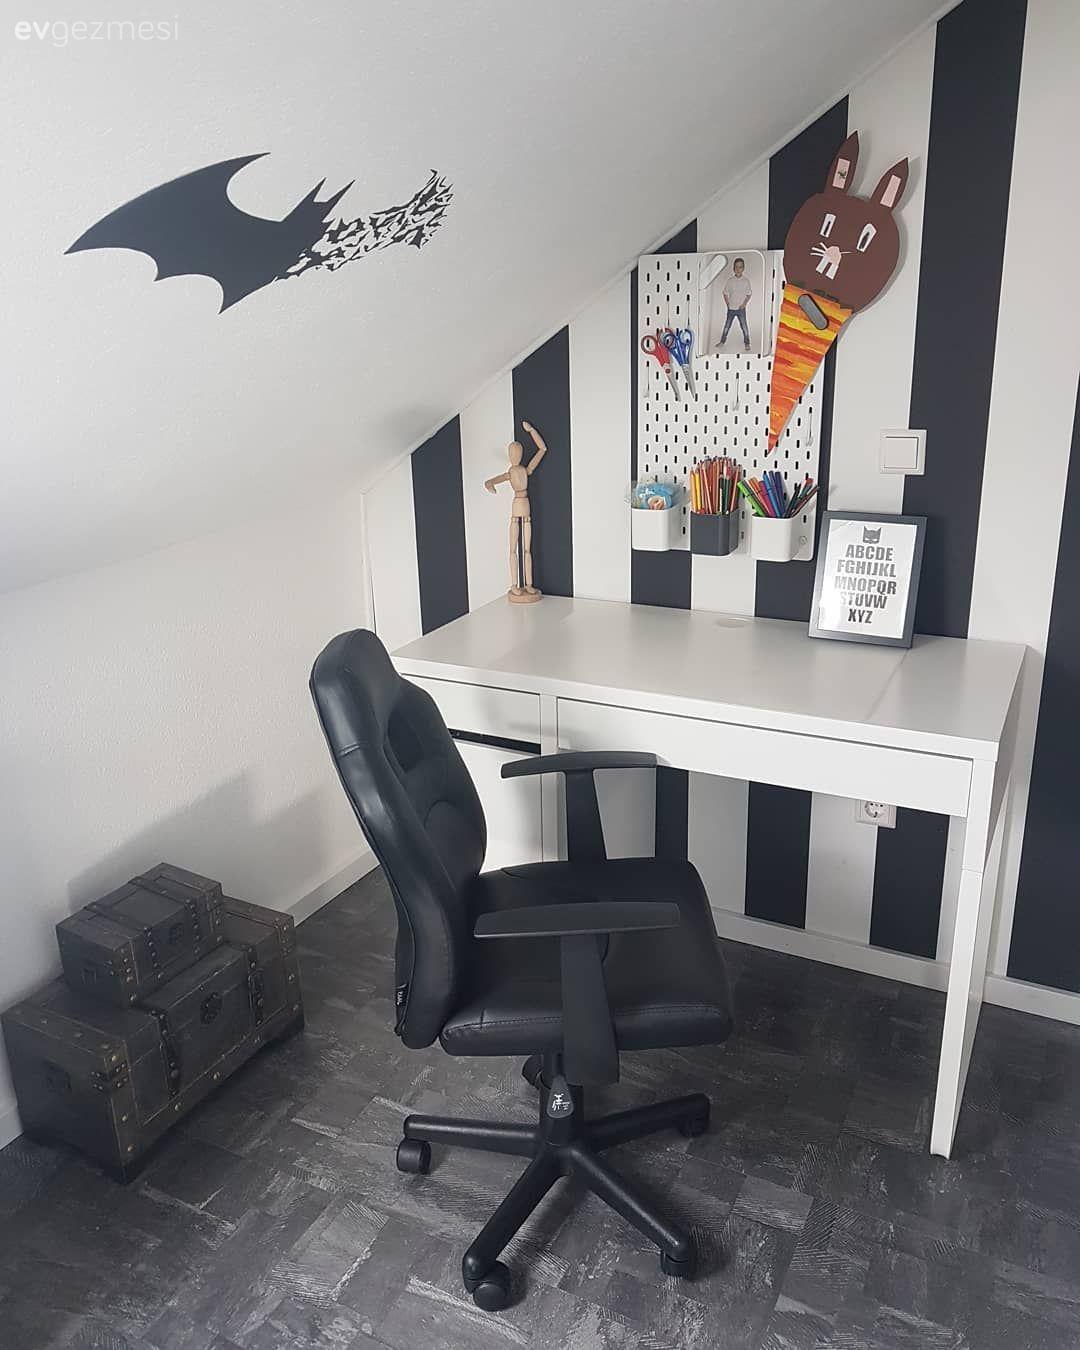 Çocuk Odası çalışma Masası Ve Ahşap Mobilyalar: Çatı Katı Dekorasyon Fikirleri Ve Fotoğrafları